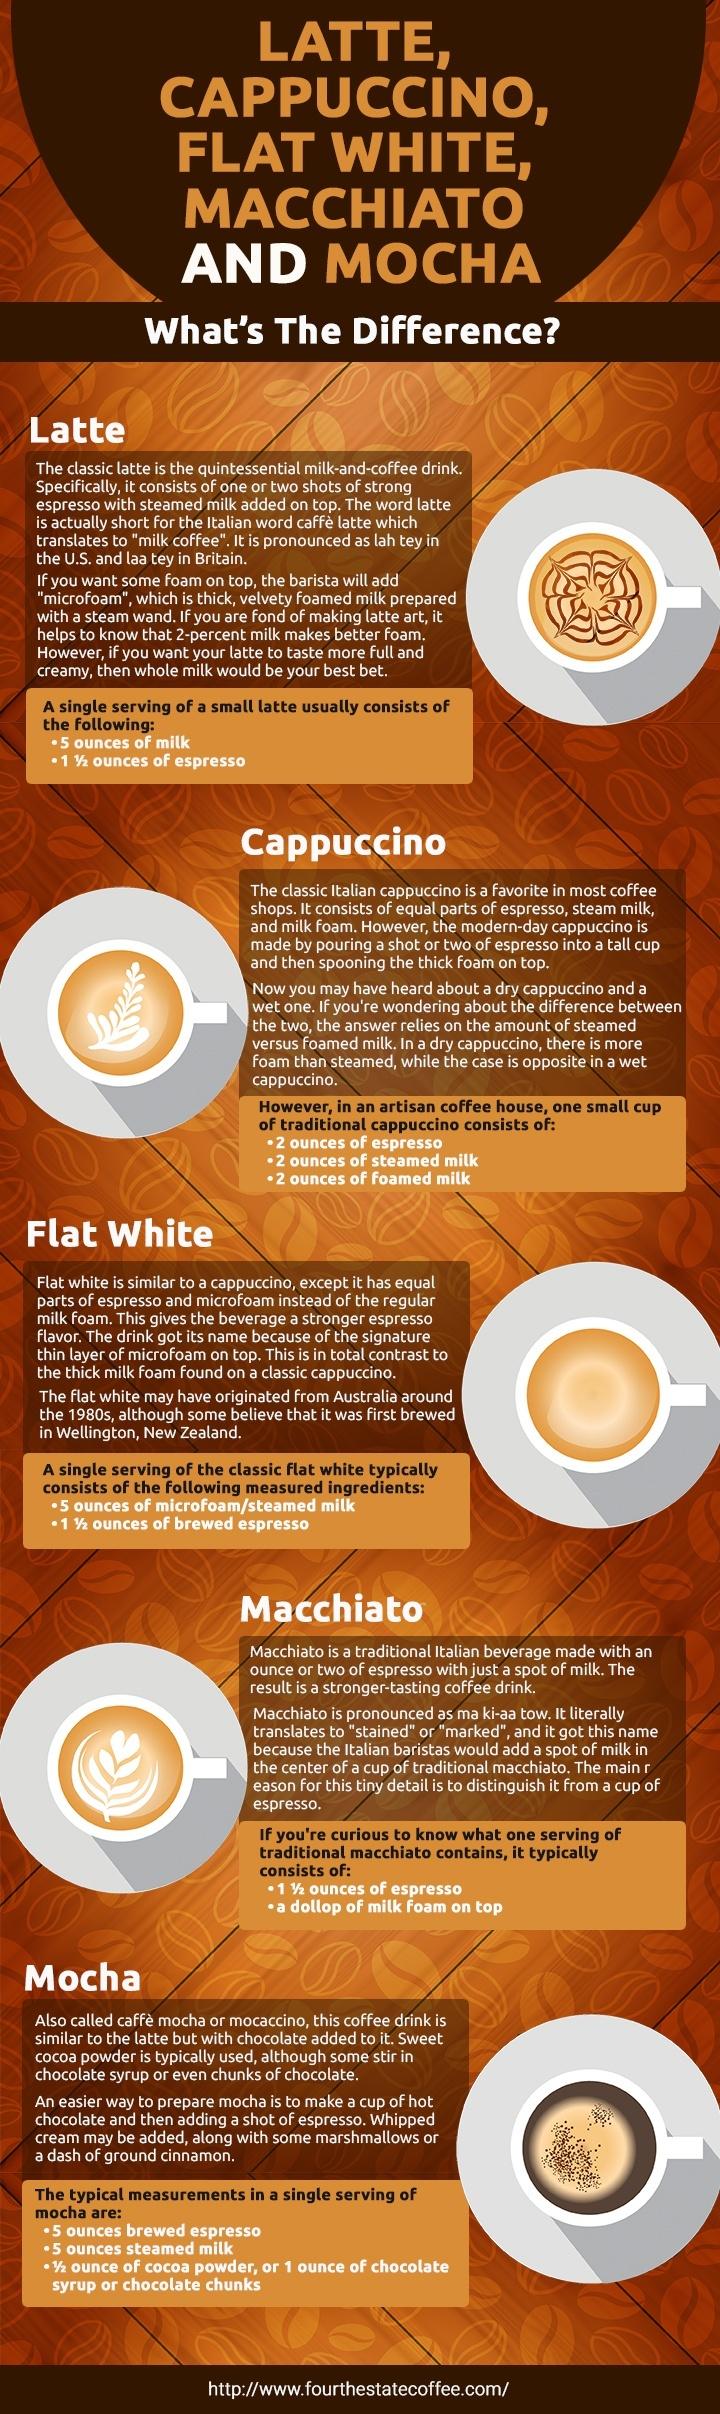 Latte, Cappuccino, Flat White, Macchiato and Mocha: What's The Difference? #lattemacchiato